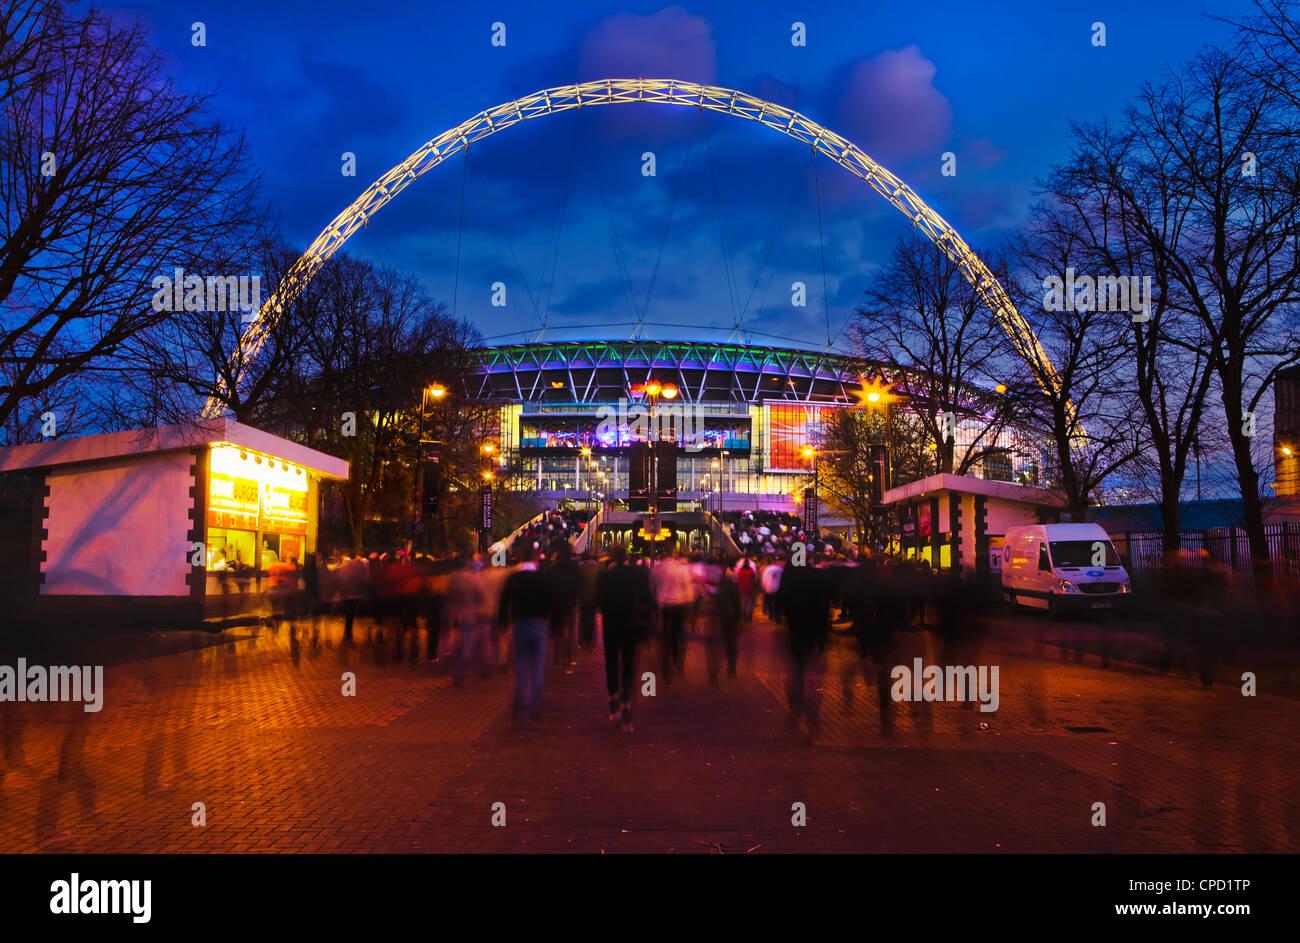 Lo stadio di Wembley con Inghilterra sostenitori di entrare nella sede di gioco internazionale di Londra, Inghilterra, Immagini Stock